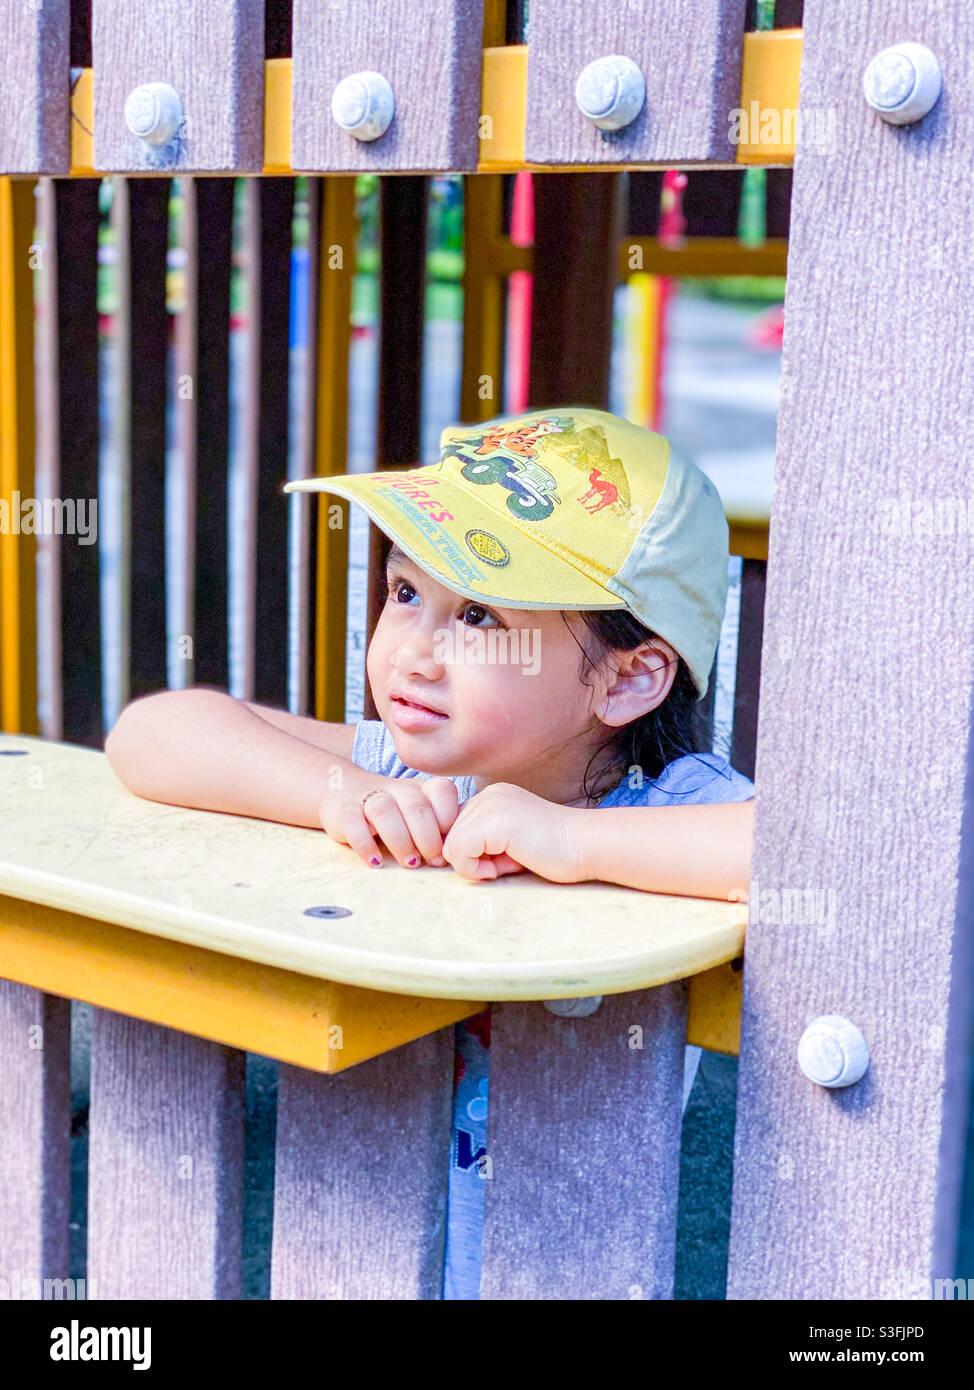 Kleines Mädchen auf dem Spielplatz träumt davon Stockfoto